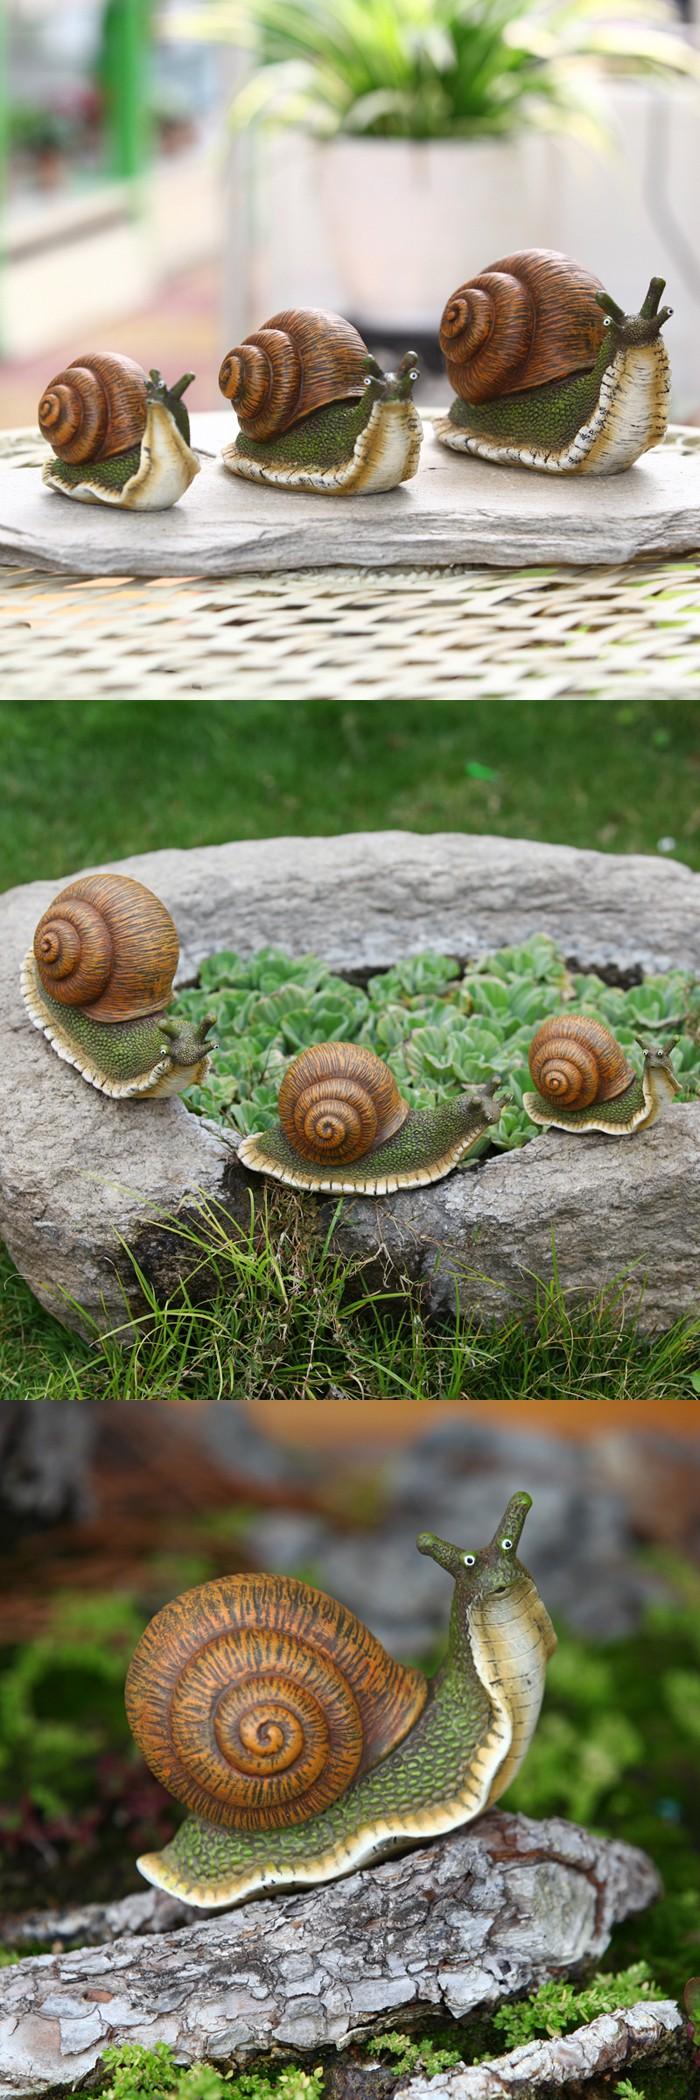 3pcs/lot Kawaii Artificial Cute Snail Resin Crafts Home Decoration ...